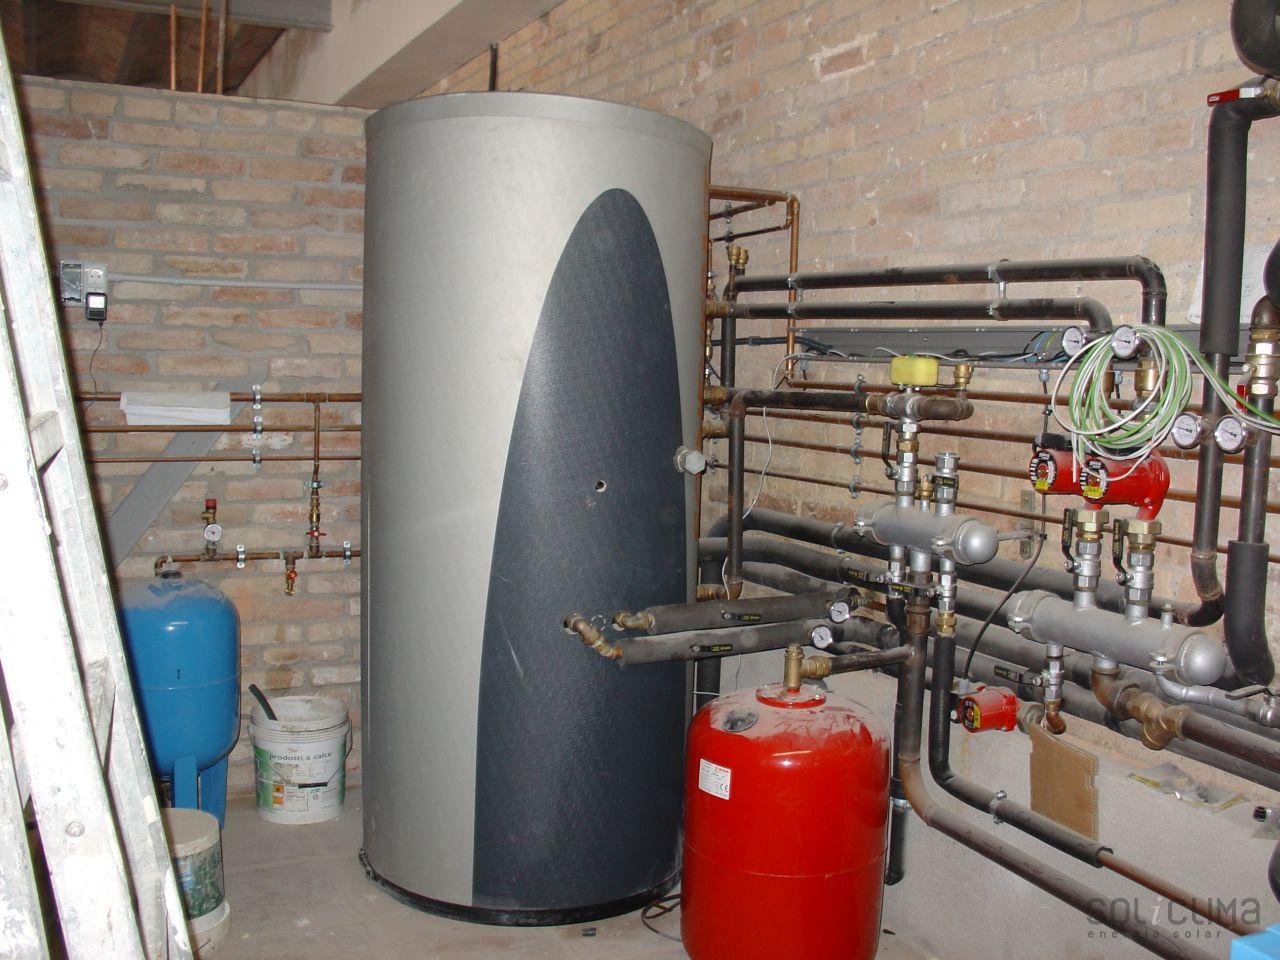 Instalacion destacada ahorro de energia - Caldera pellets agua y calefaccion ...